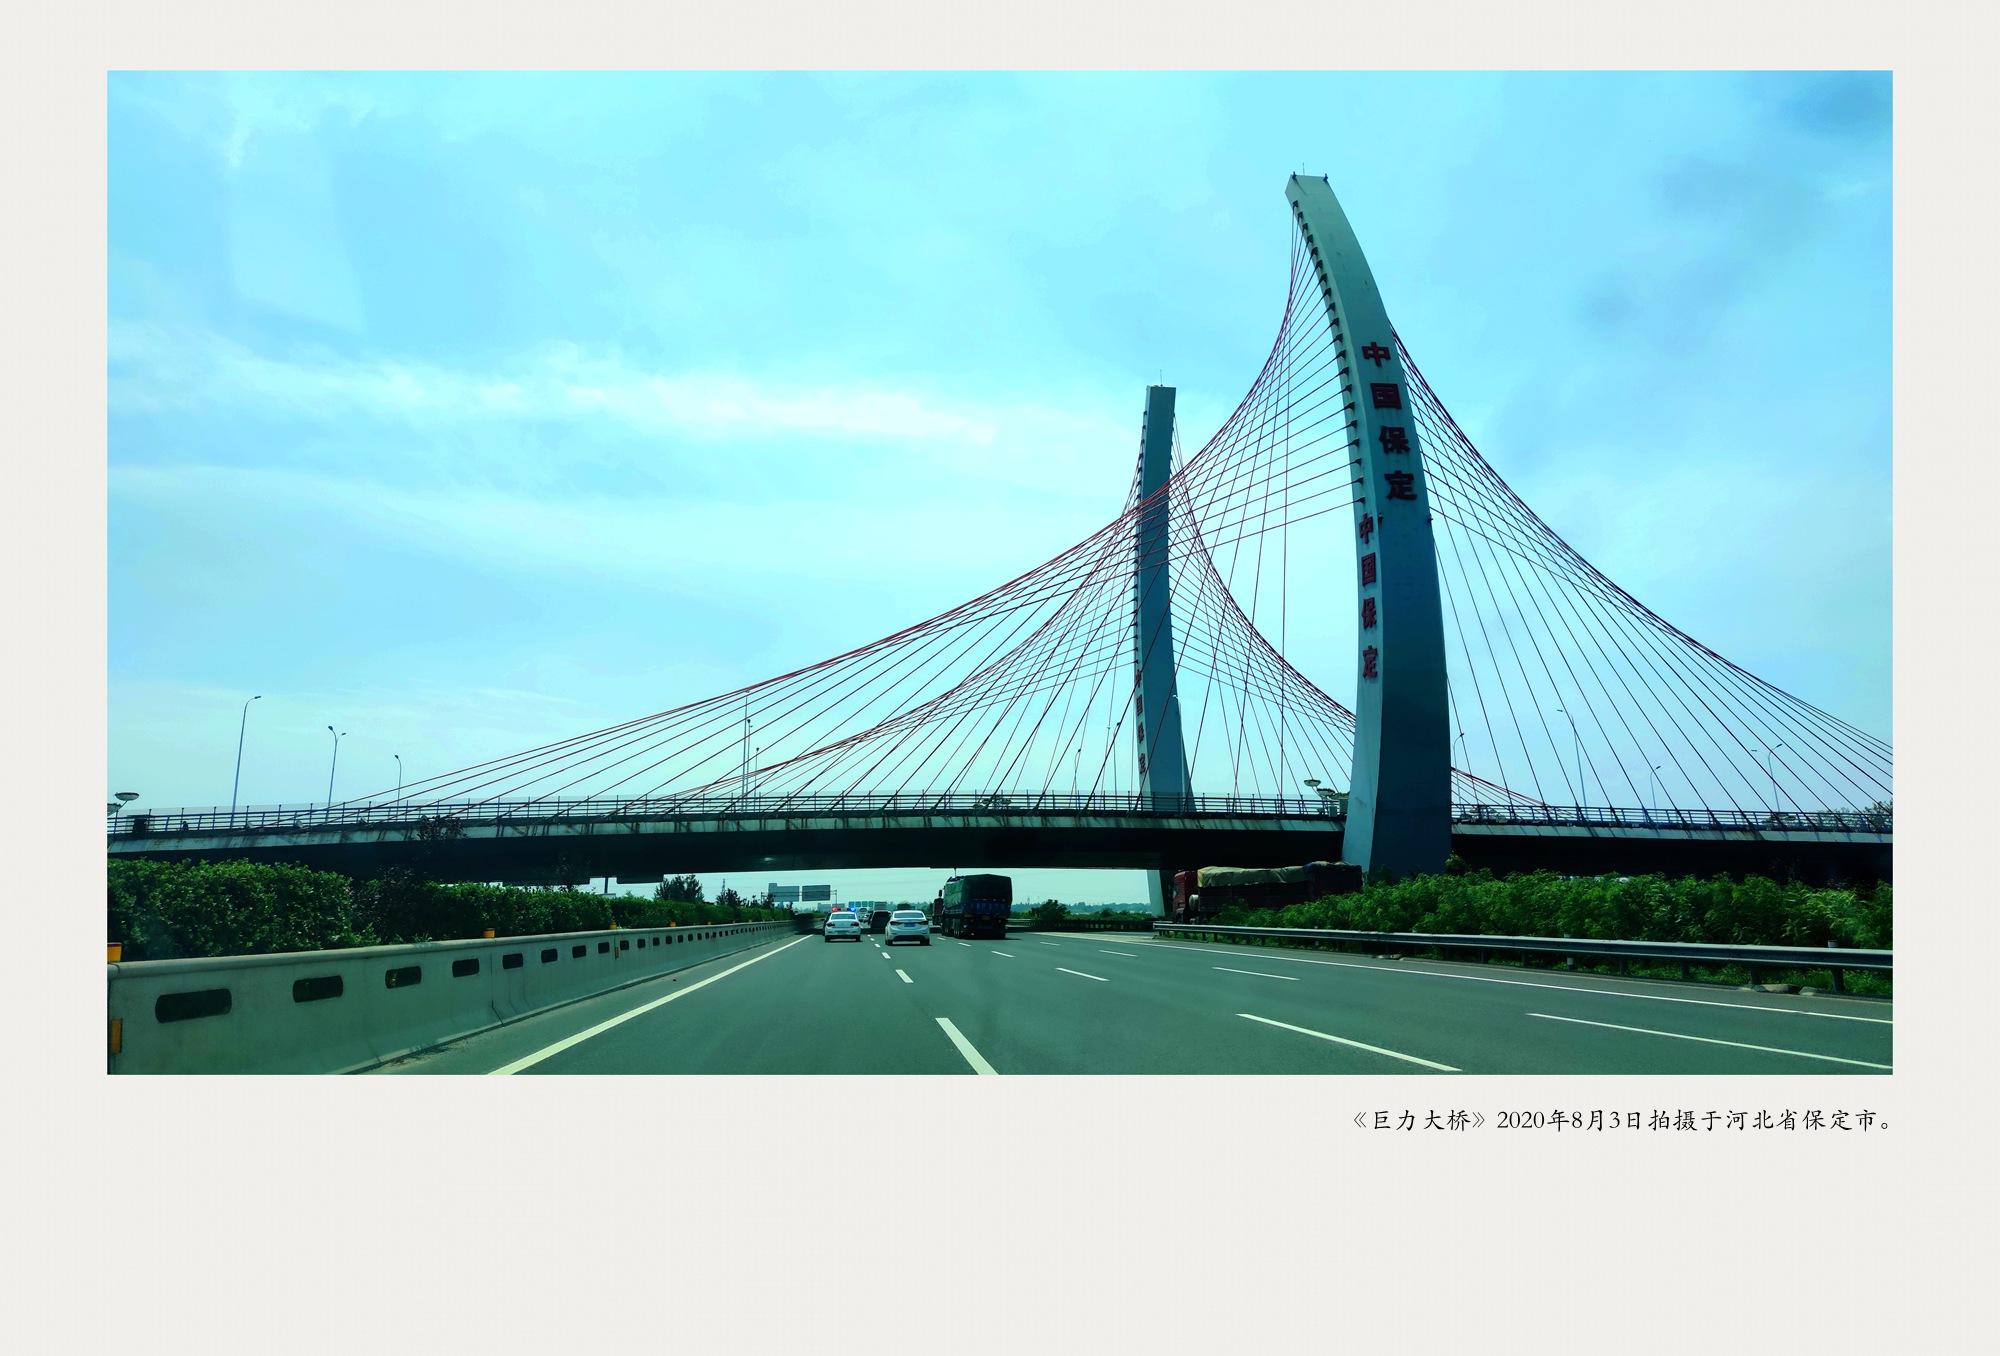 《巨力大桥》